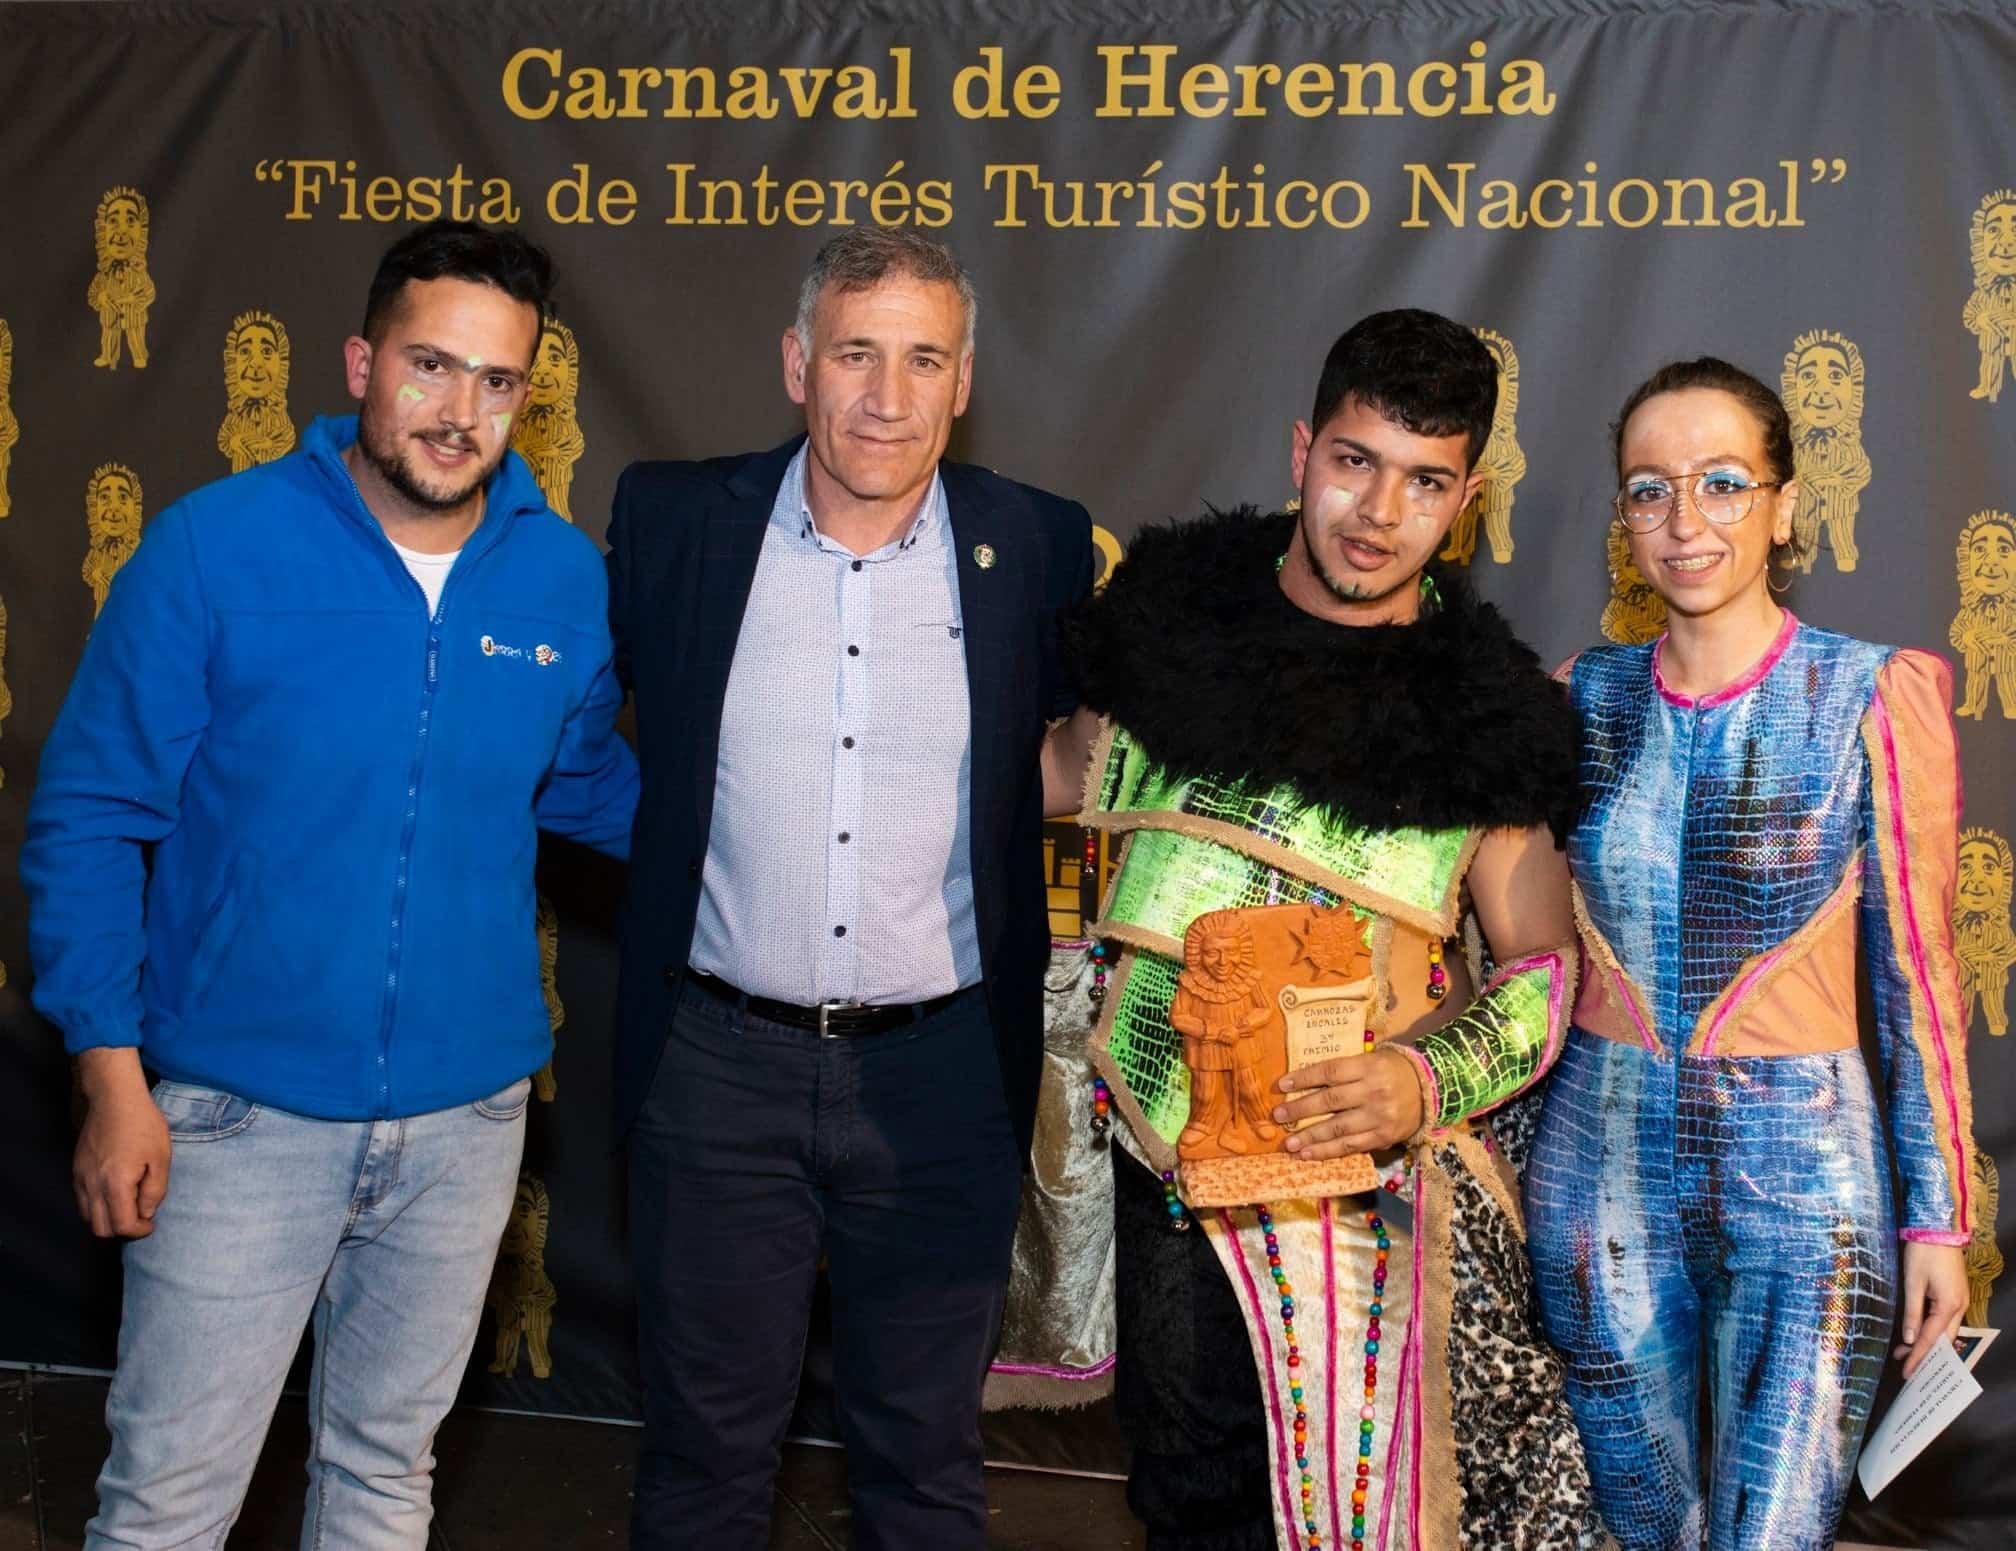 Selección de fotografías del Ofertorio del Carnaval de Herencia 390